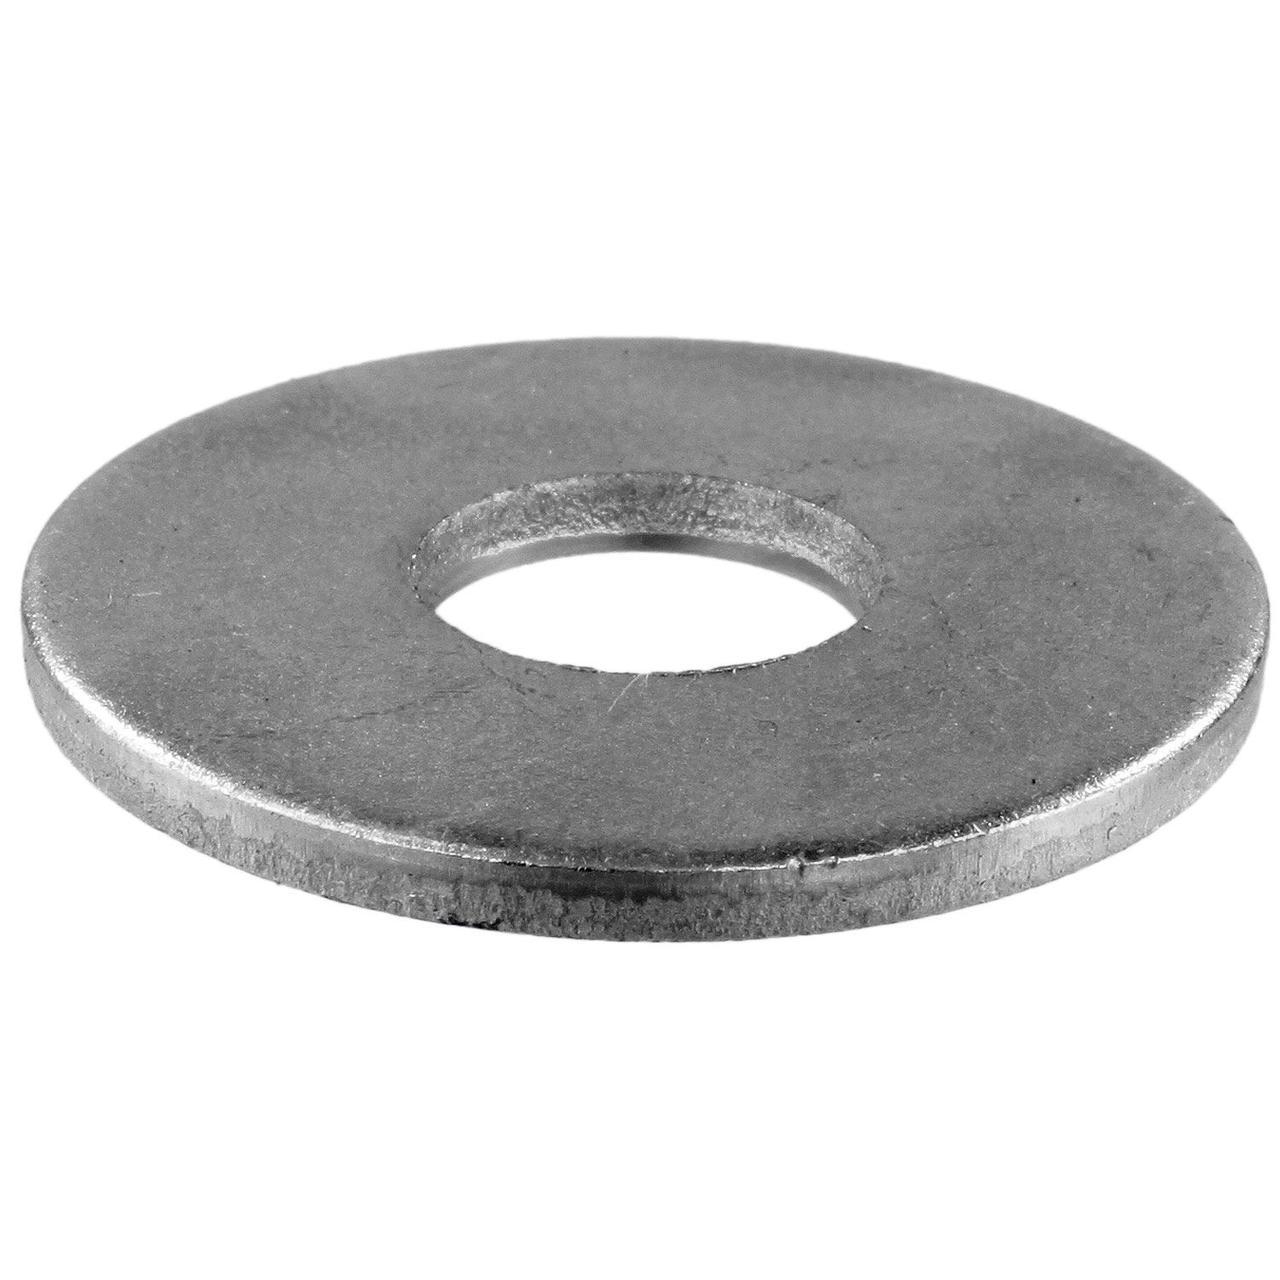 Кольцо ст 50Г2 1640х270х720 мм